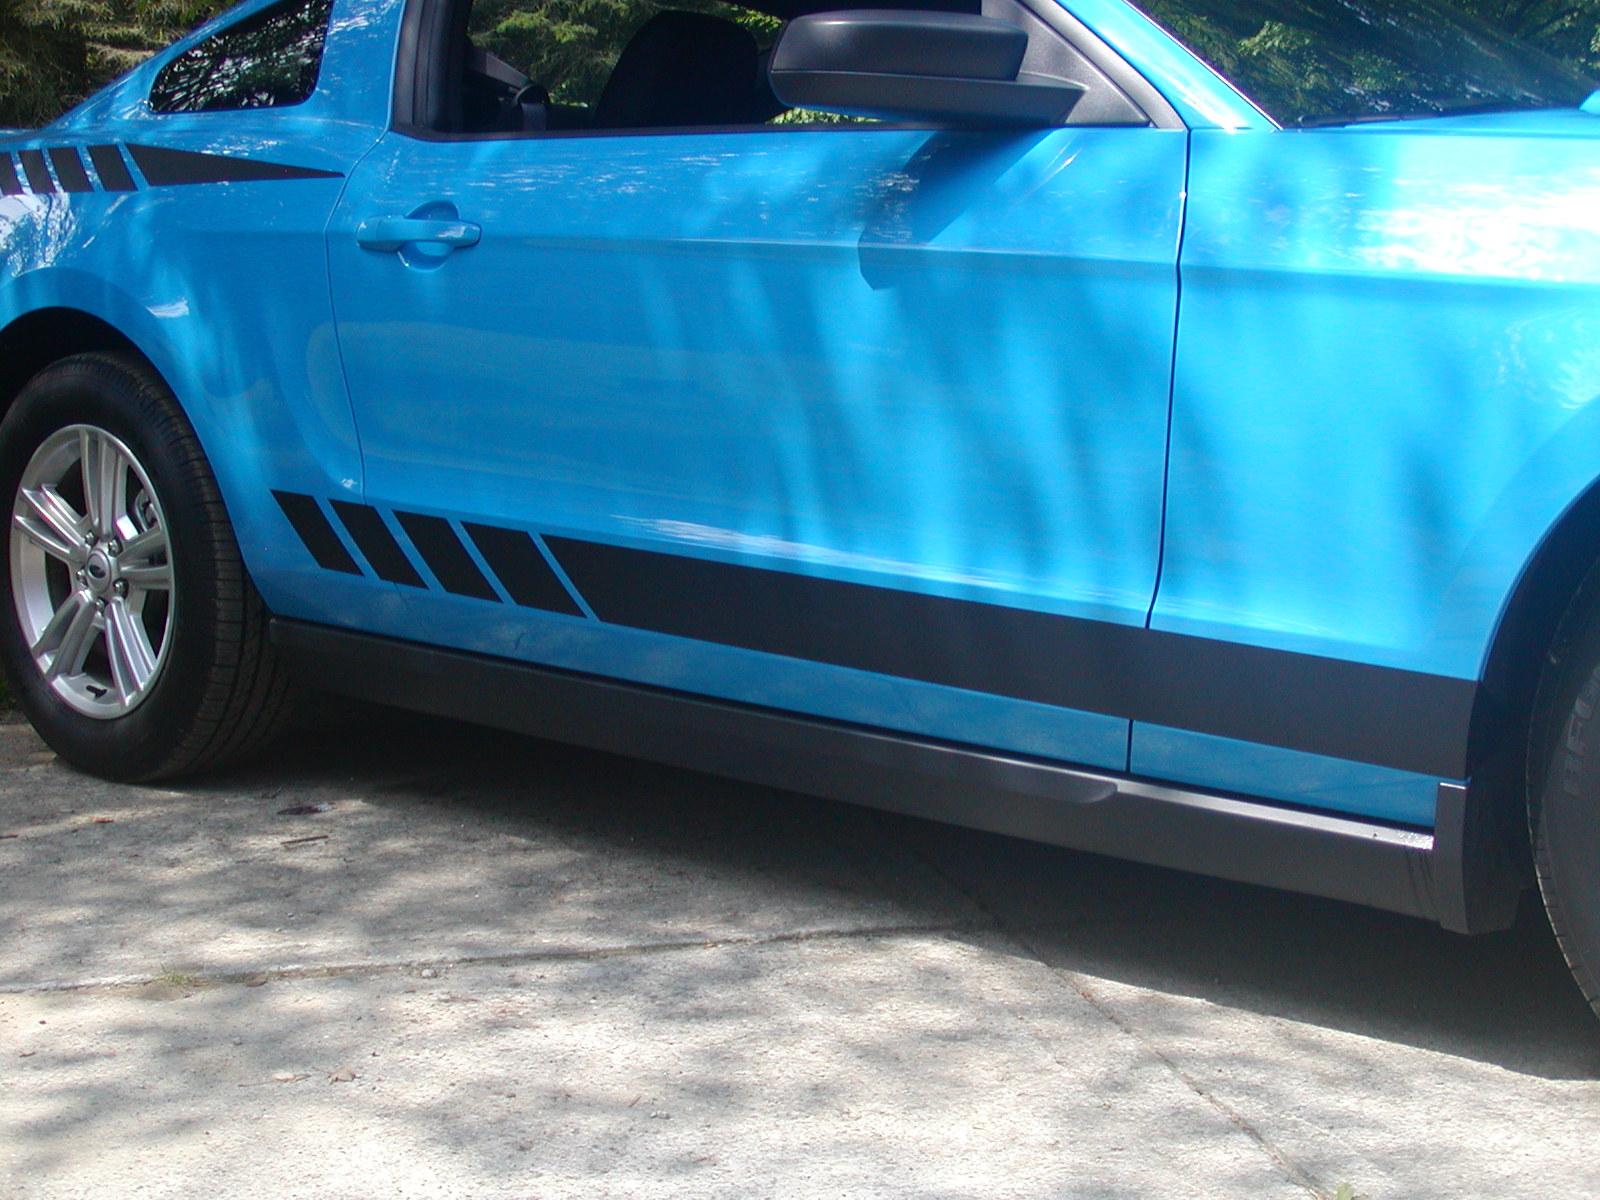 2010 - 2011 - 2012 Mustang Faded Rocker stripes #1